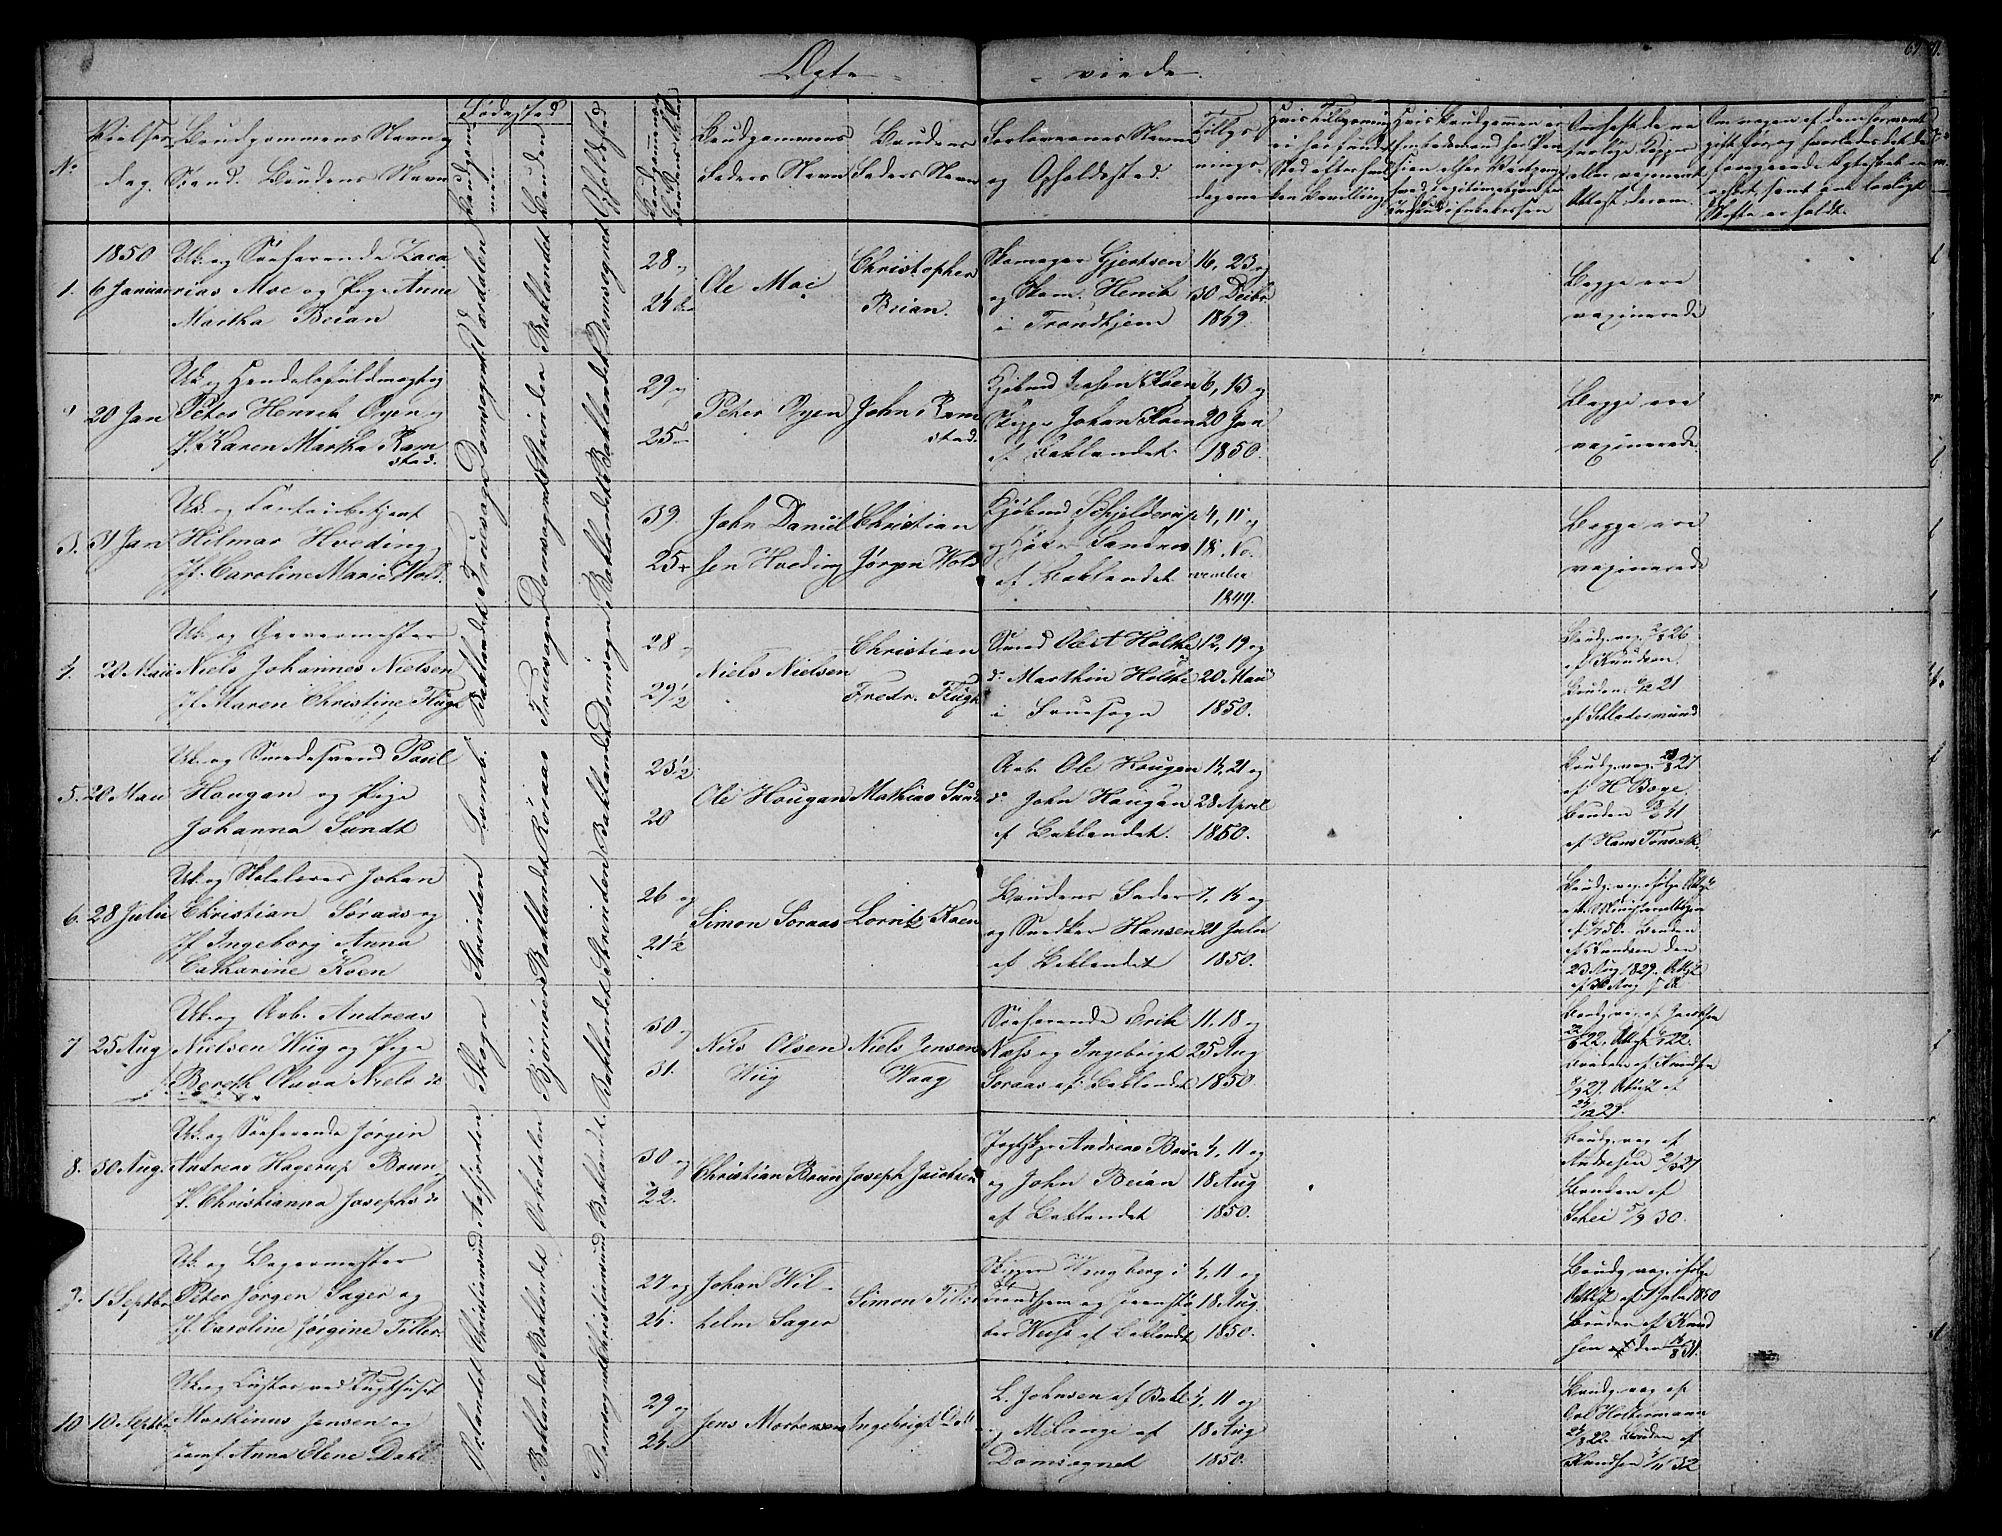 SAT, Ministerialprotokoller, klokkerbøker og fødselsregistre - Sør-Trøndelag, 604/L0182: Ministerialbok nr. 604A03, 1818-1850, s. 69